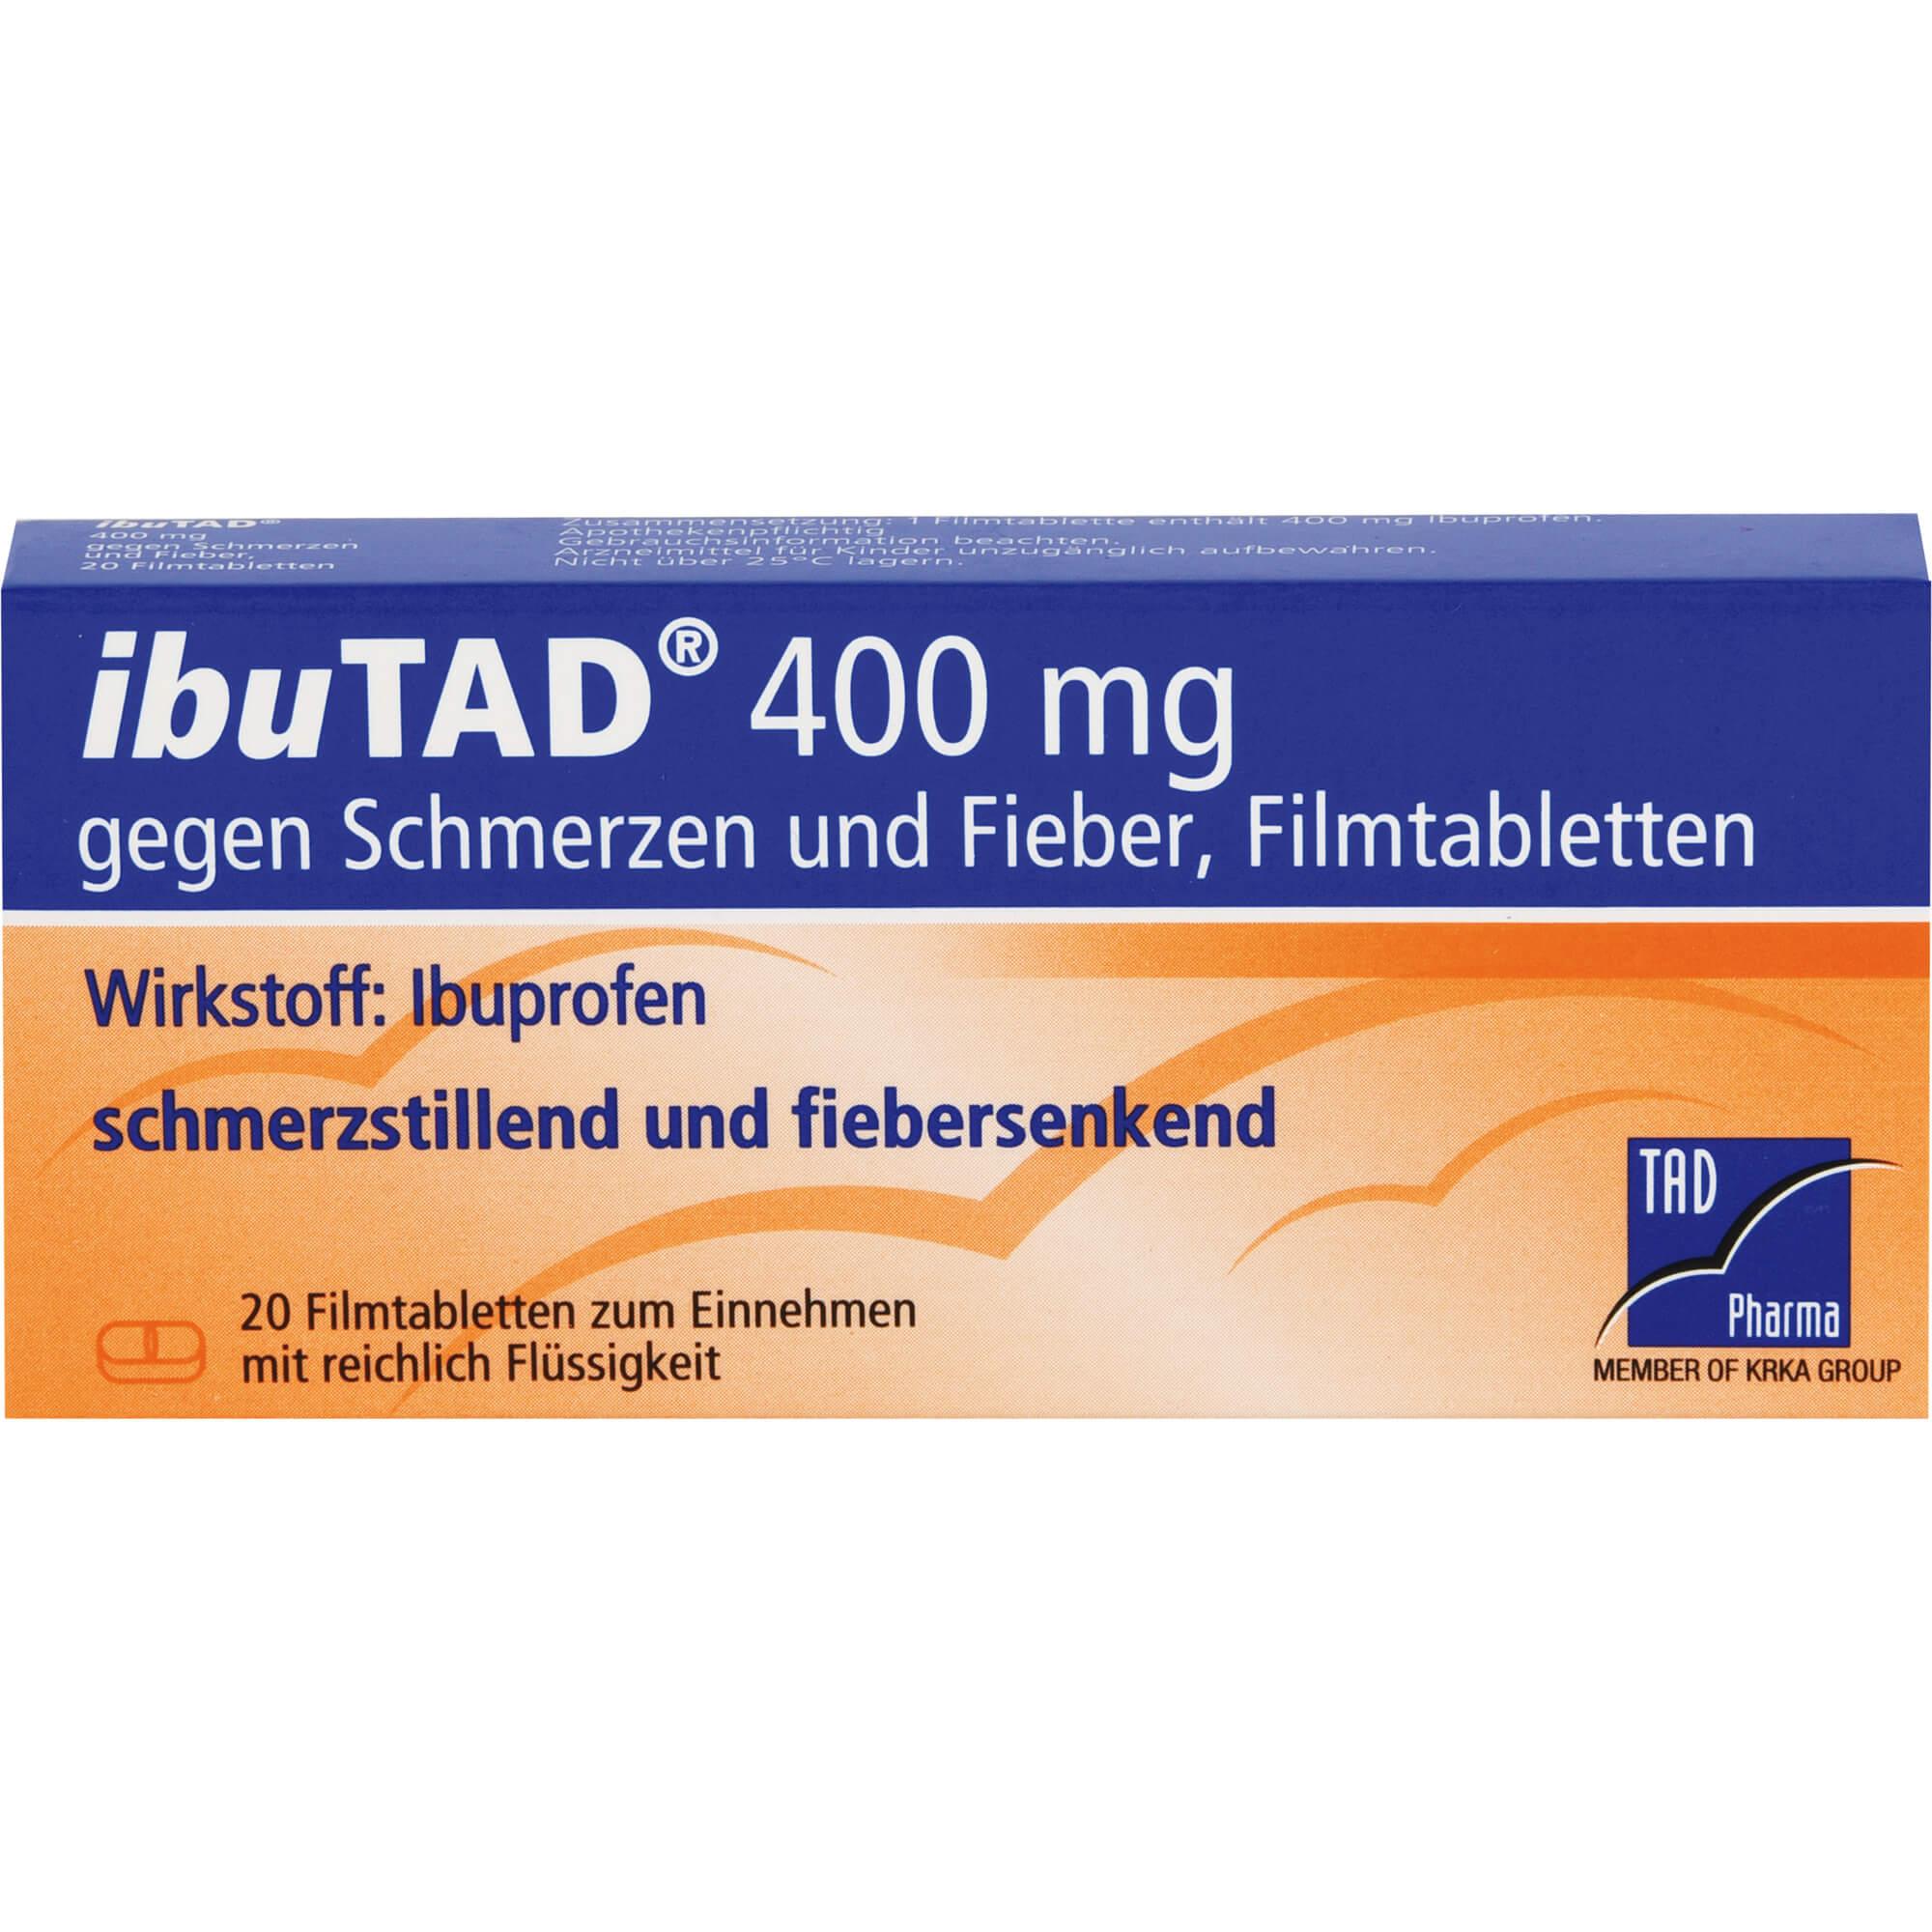 IBUTAD-400-mg-gegen-Schmerzen-und-Fieber-Filmtabl